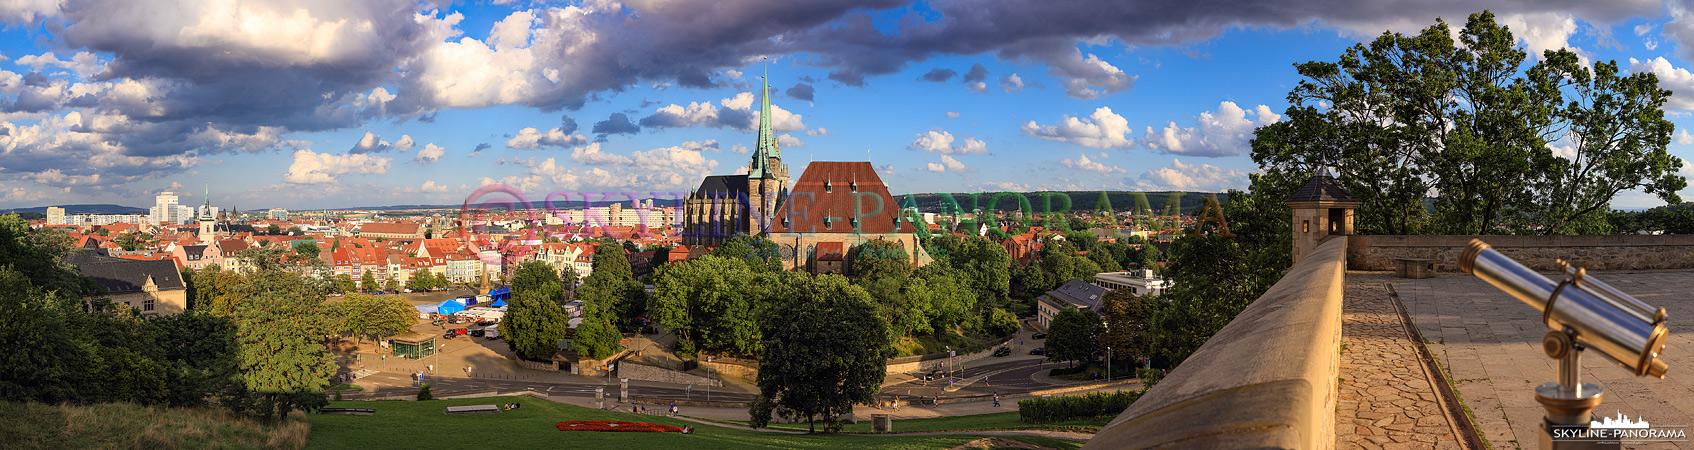 Erfurt am Tag – Dieses Panorama vom Petersberg aus zeigt den Blick in Richtung der Altstadt von Erfurt mit dem Domplatz und der Severi Kirche.